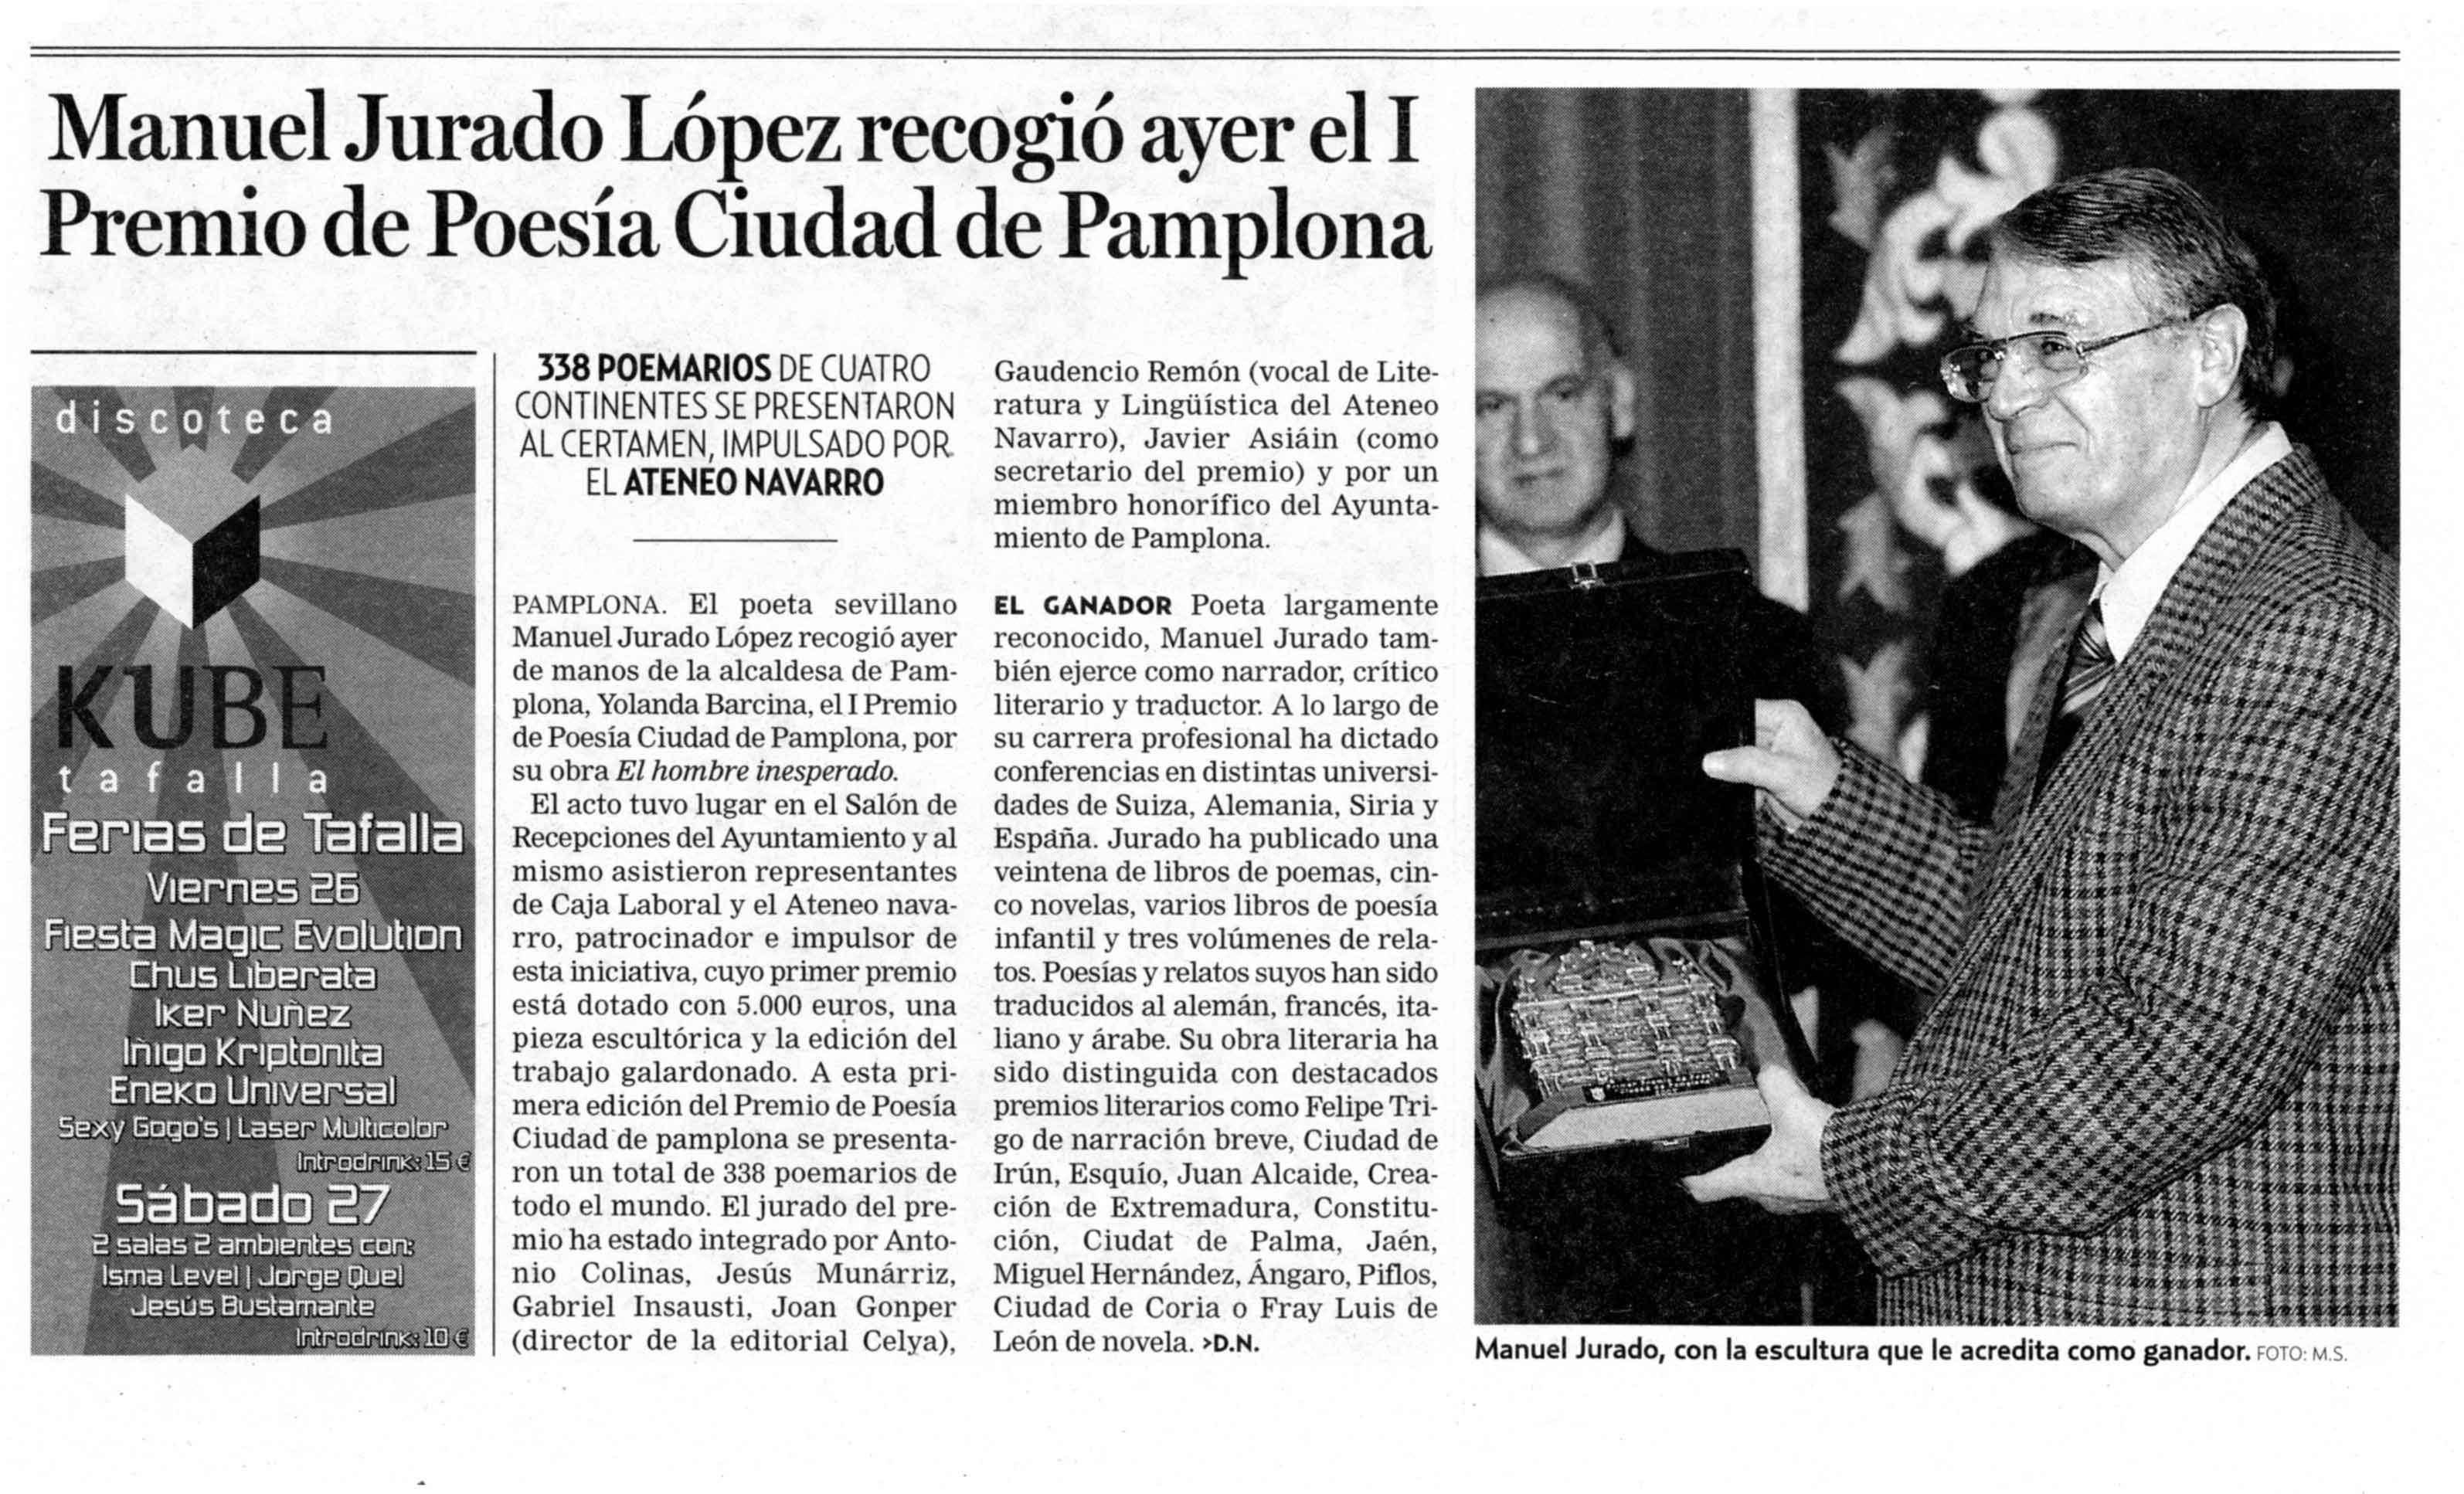 DIARIO DE NOTICIAS: I Premio de Poesía Ciudad de Pamplona